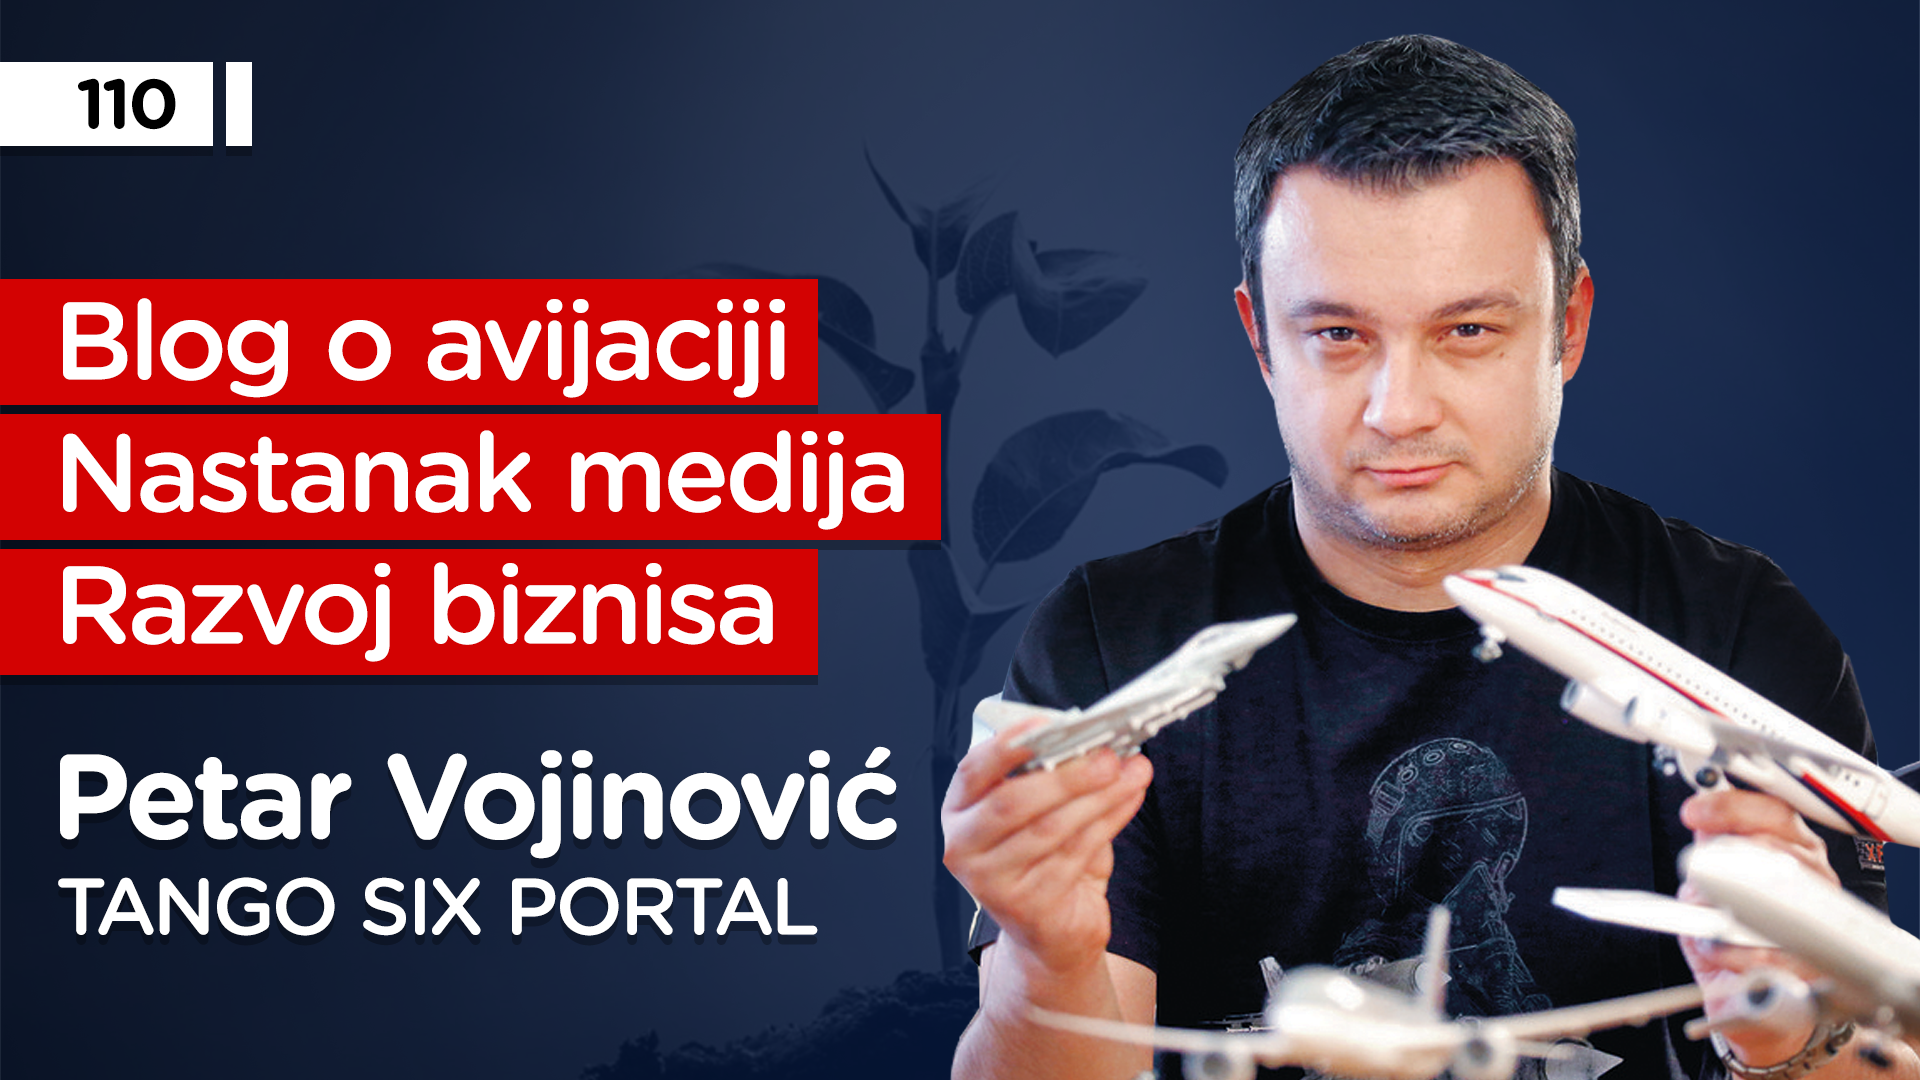 EP110: Petar Vojinović